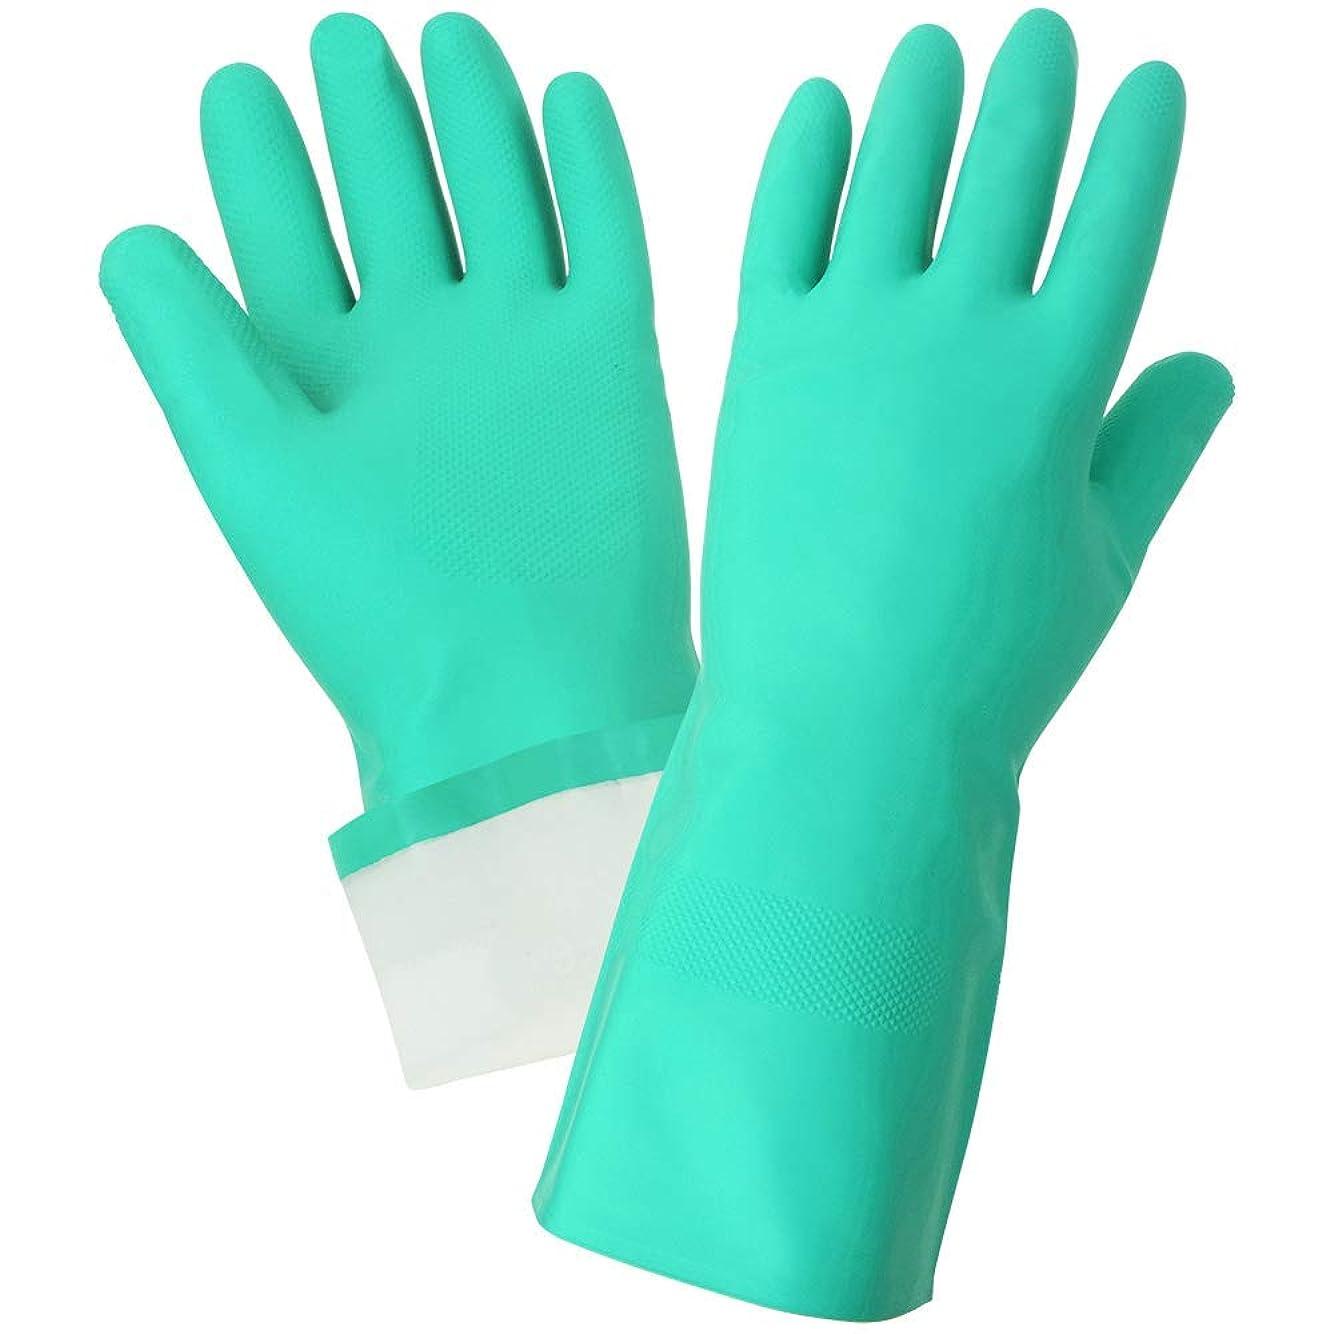 高原発表火山Global Glove 515F Flock Lined Nitrile Diamond Pattern Glove, Chemical Resistant, 15 mil Thick, 13 Length, Small, Green (Case of 144) by Global Glove